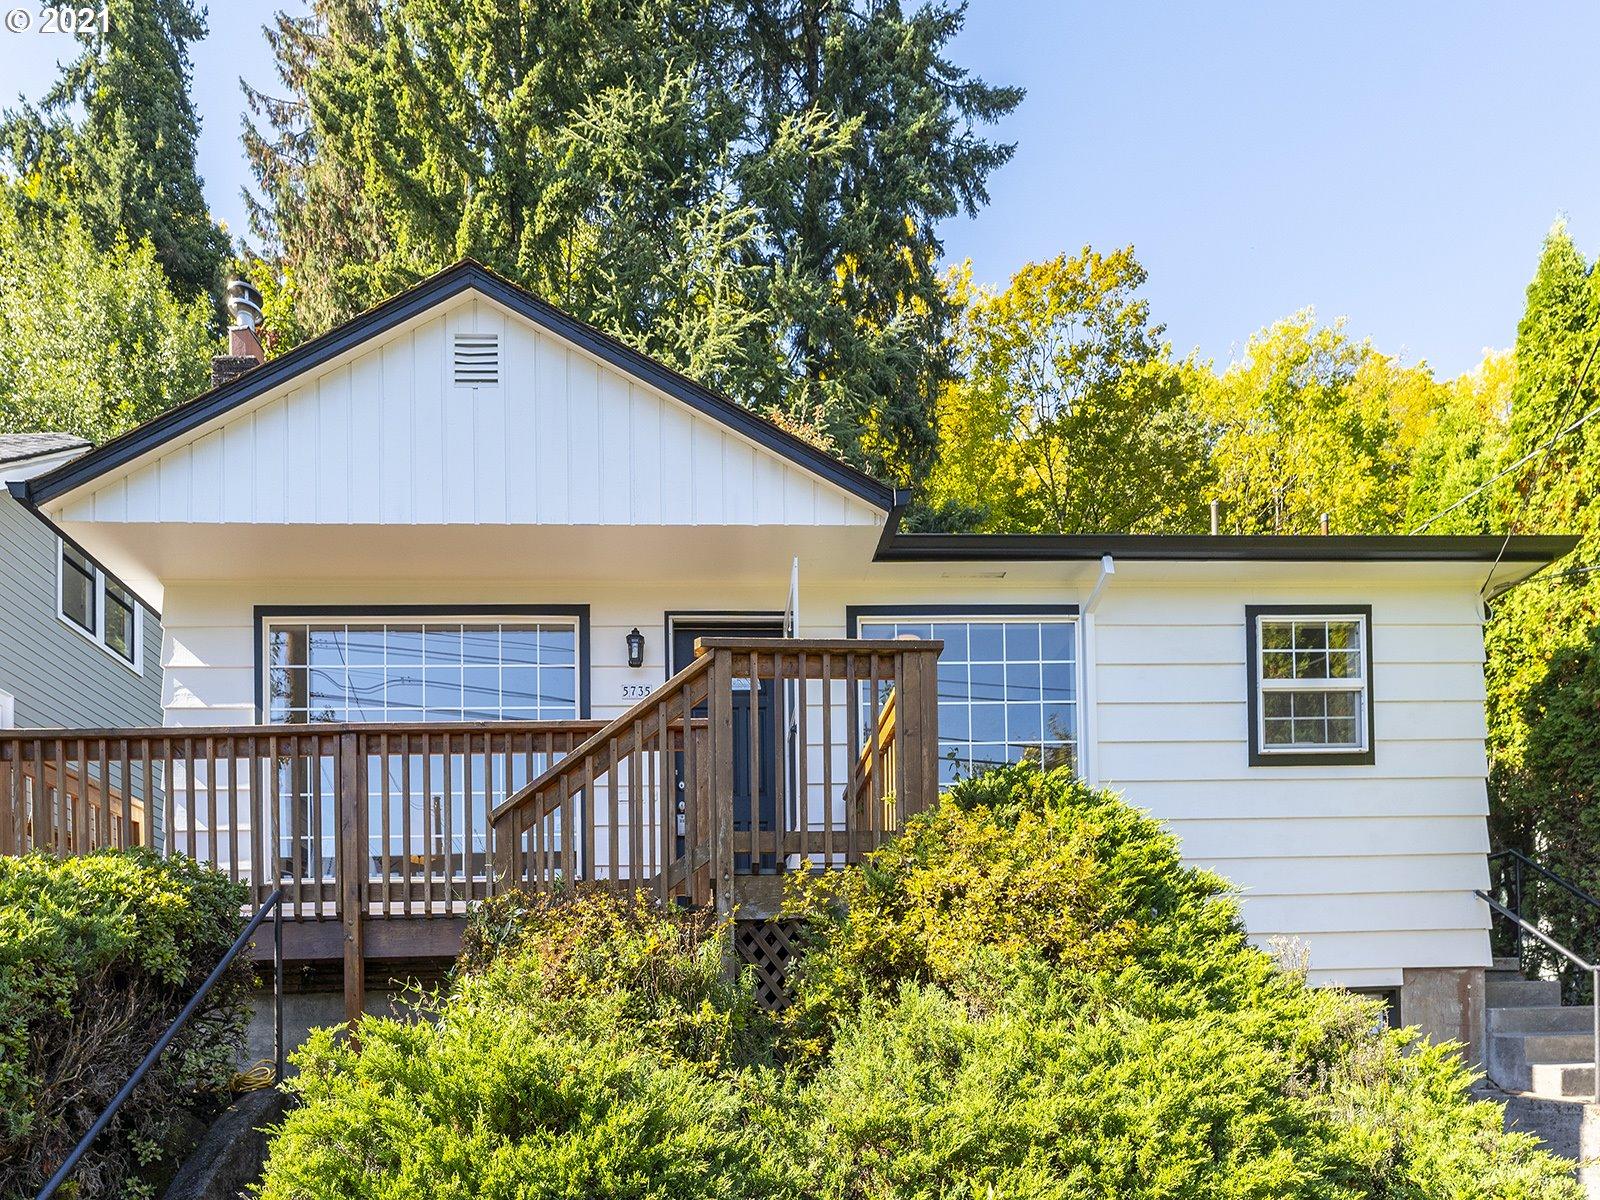 5735 S CORBETT AVE, Portland OR 97239